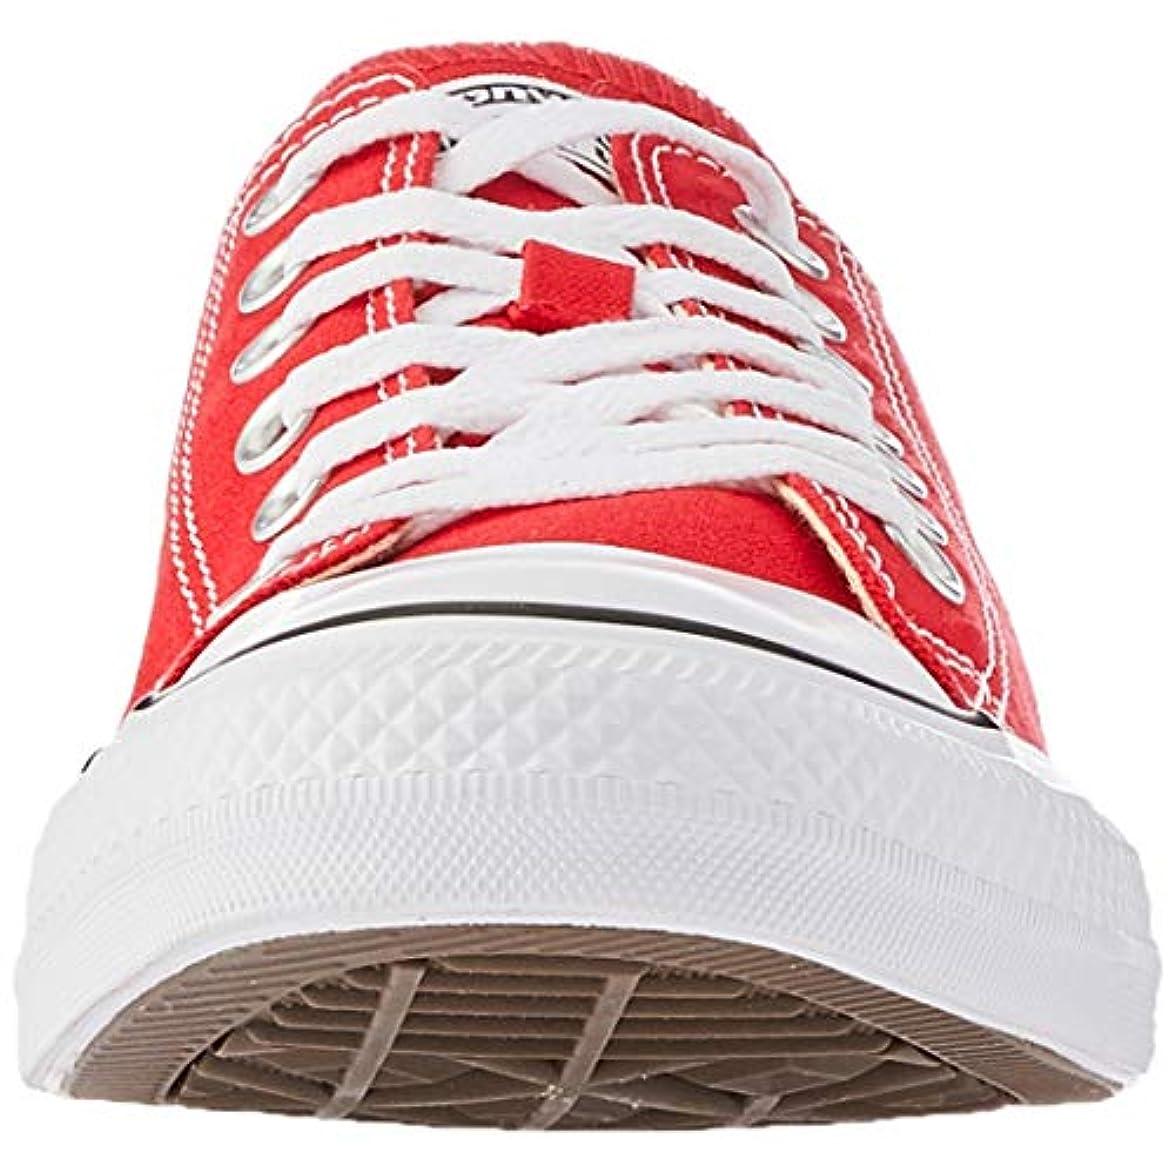 Converse Sneaker Bambine Rosso